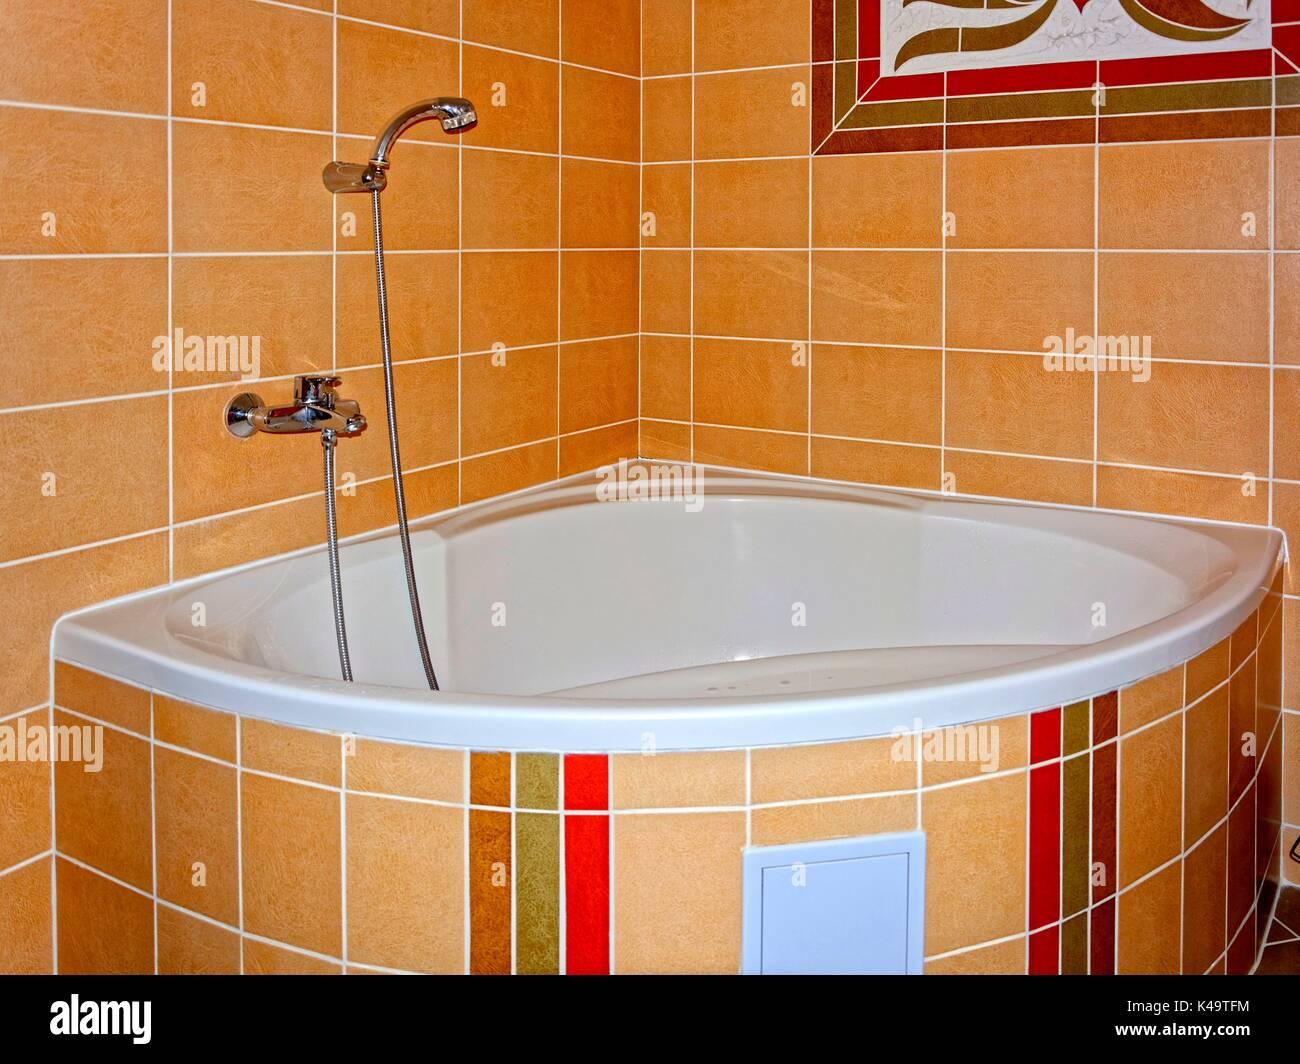 Vasca ad angolo con piastrelle marrone foto immagine stock